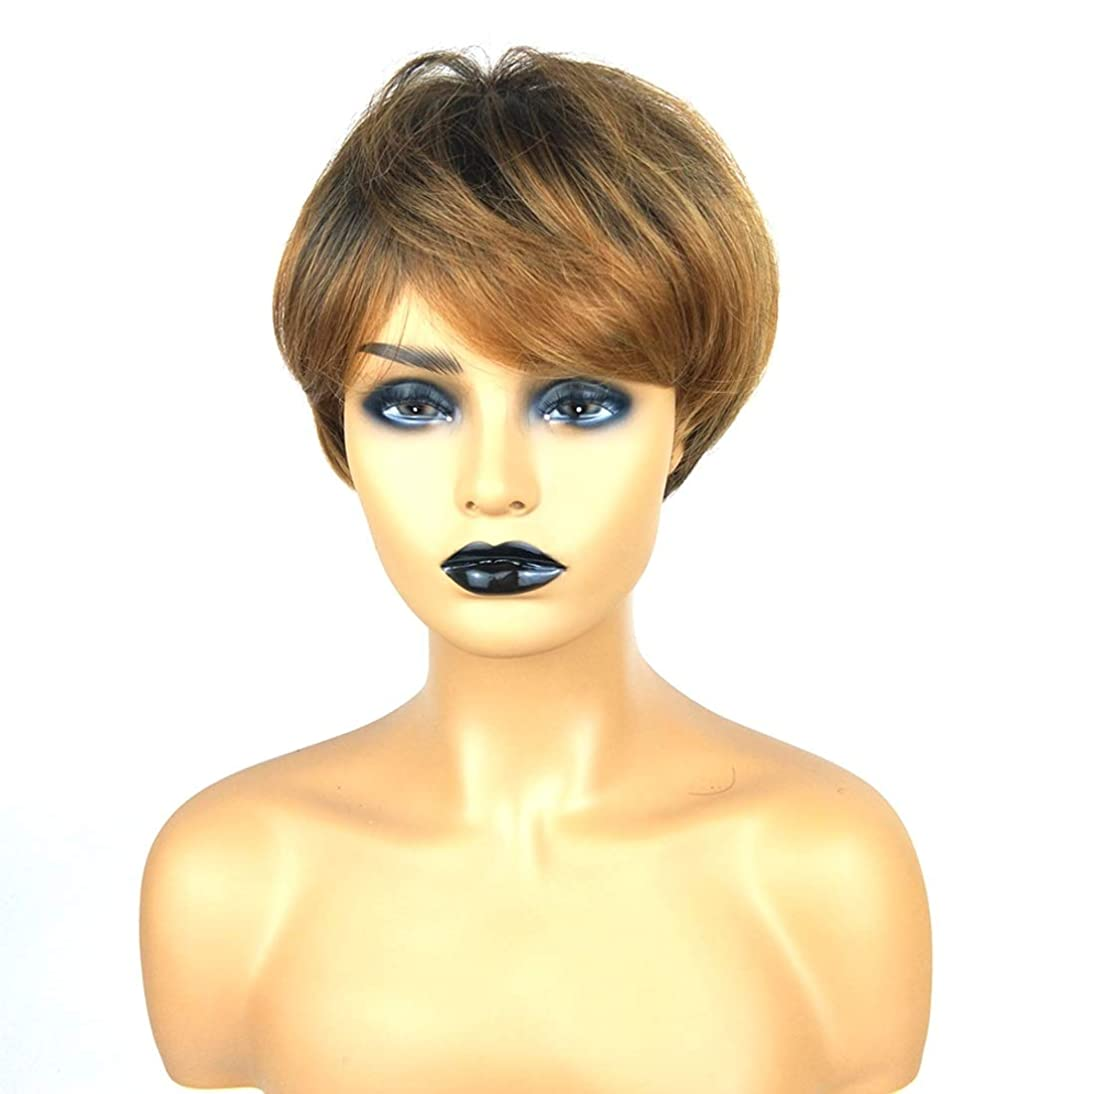 迷惑不幸通り抜けるSummerys ショートボブの髪の毛のかつら本物の髪として自然な女性のための合成かつらとストレートウィッグ